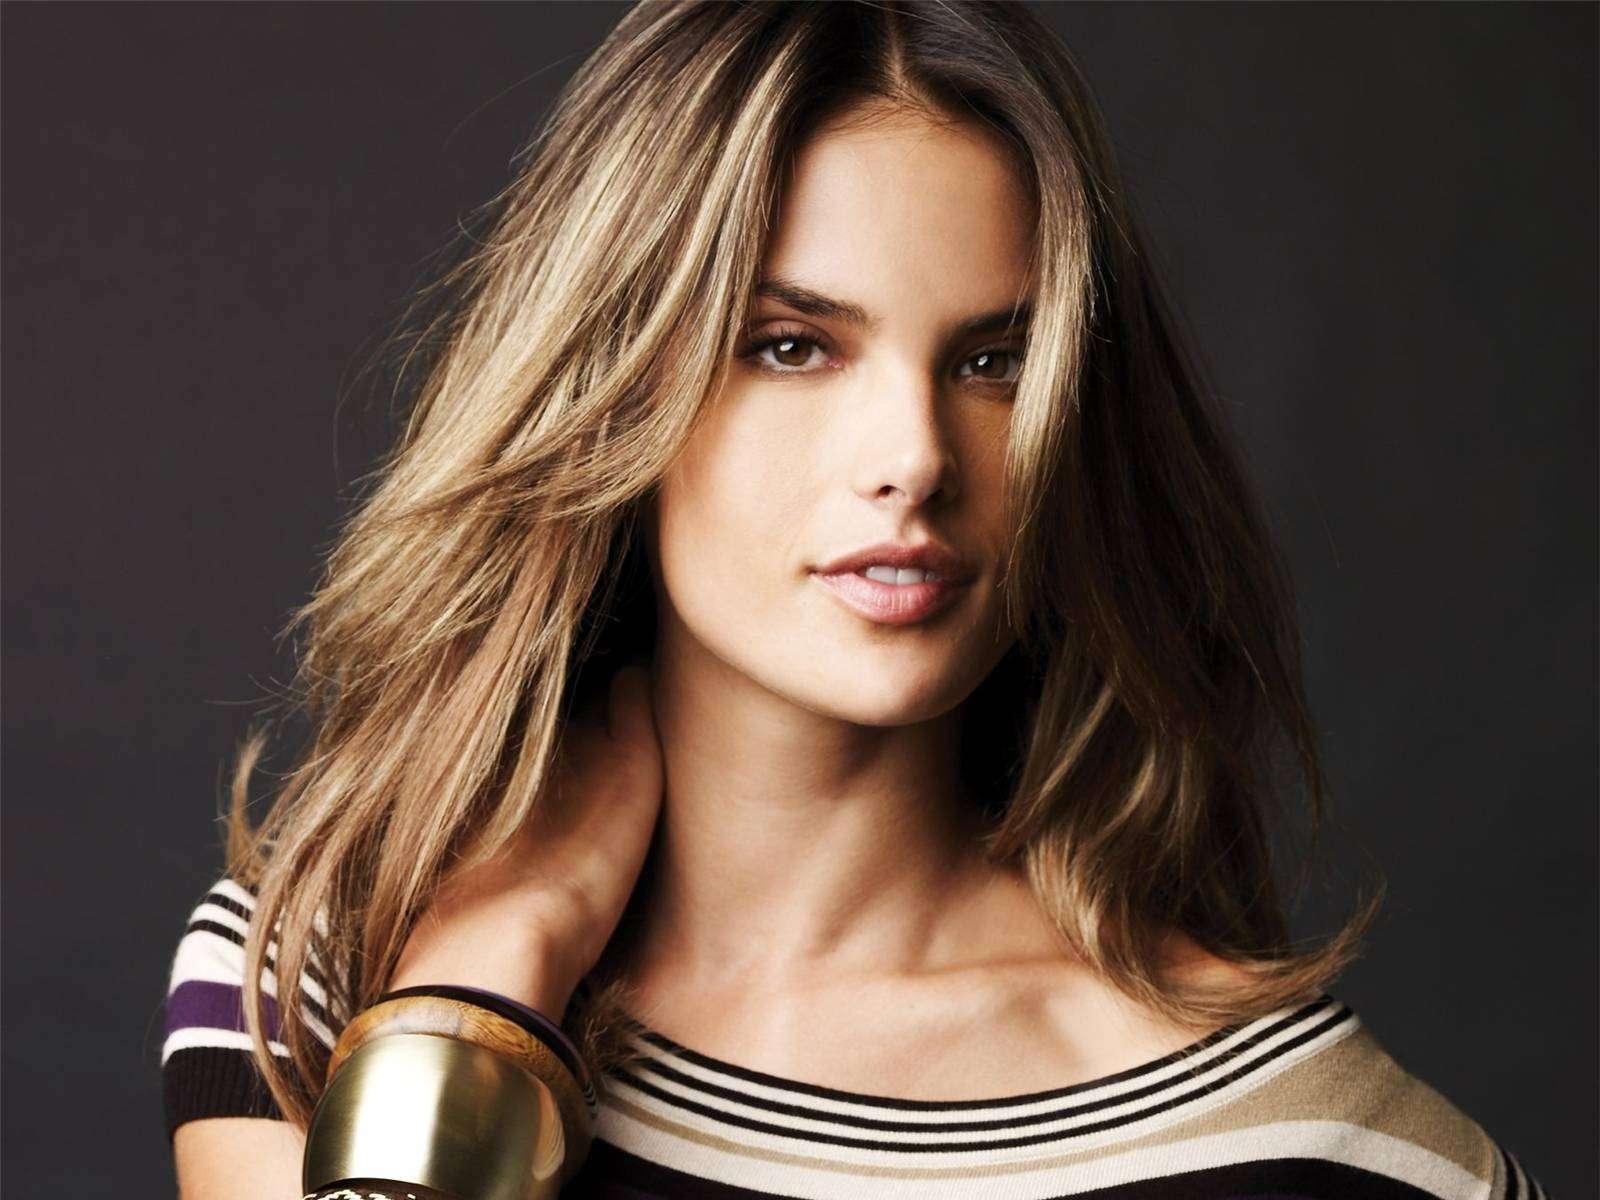 Алессандра Амбросио: эталонная красота совершенства